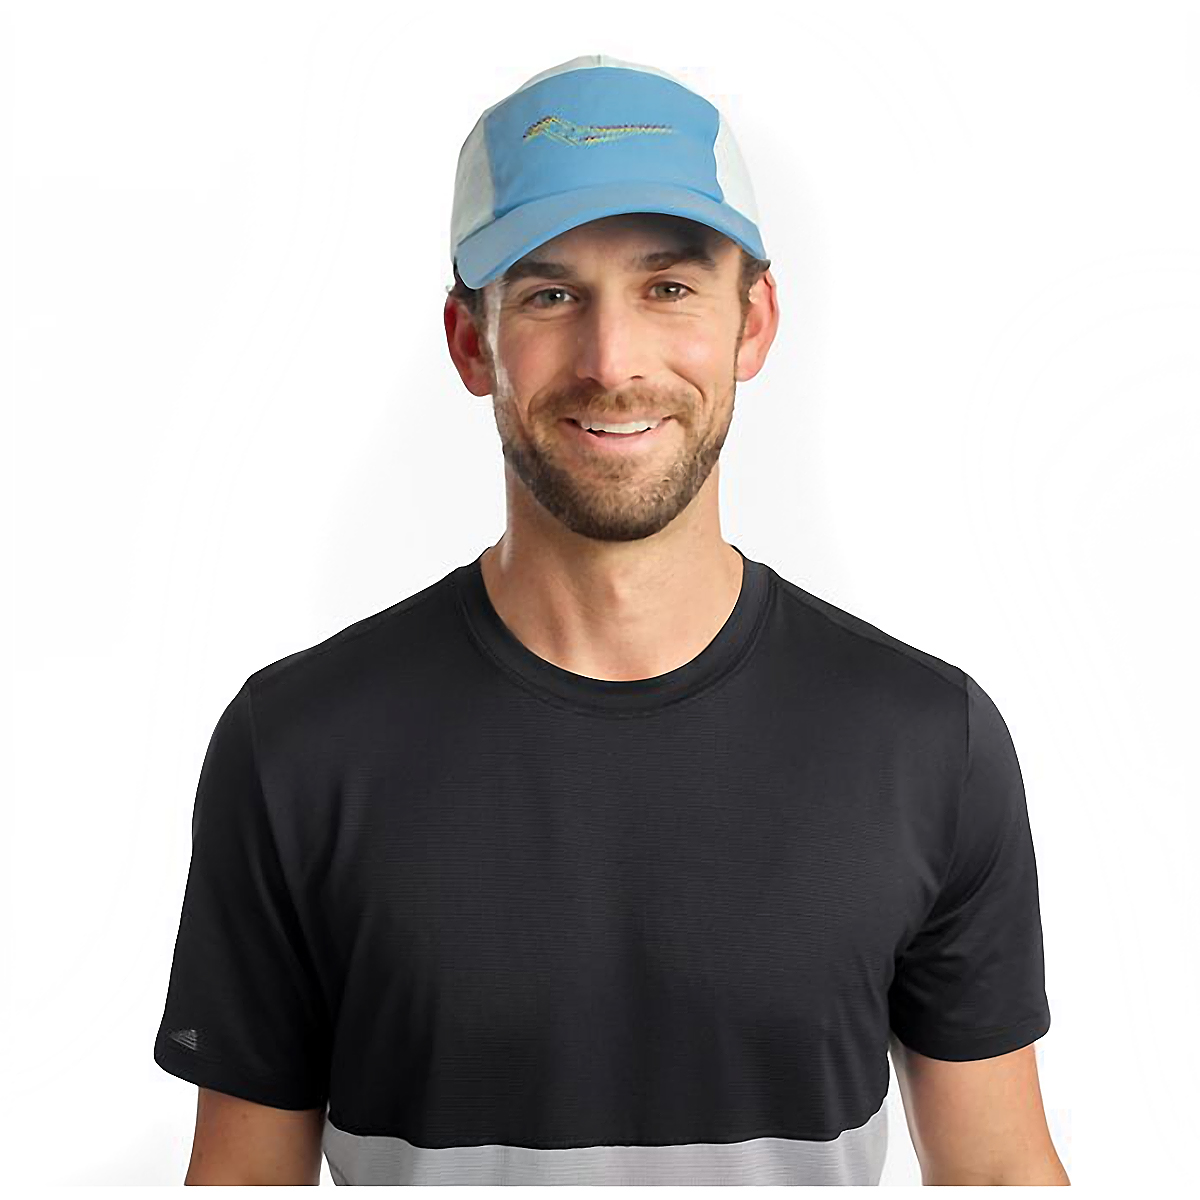 Saucony Outpace Hat - Color: Bonnie Blue, Bonnie Blue, large, image 3